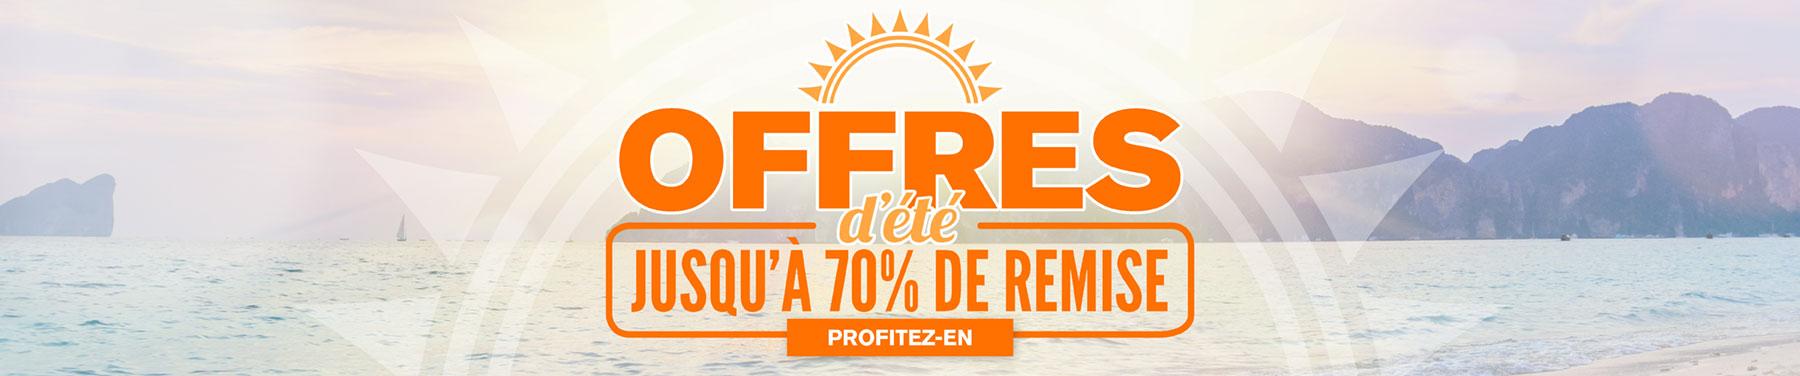 Offres d'été - Jusqu'à 70% de remise